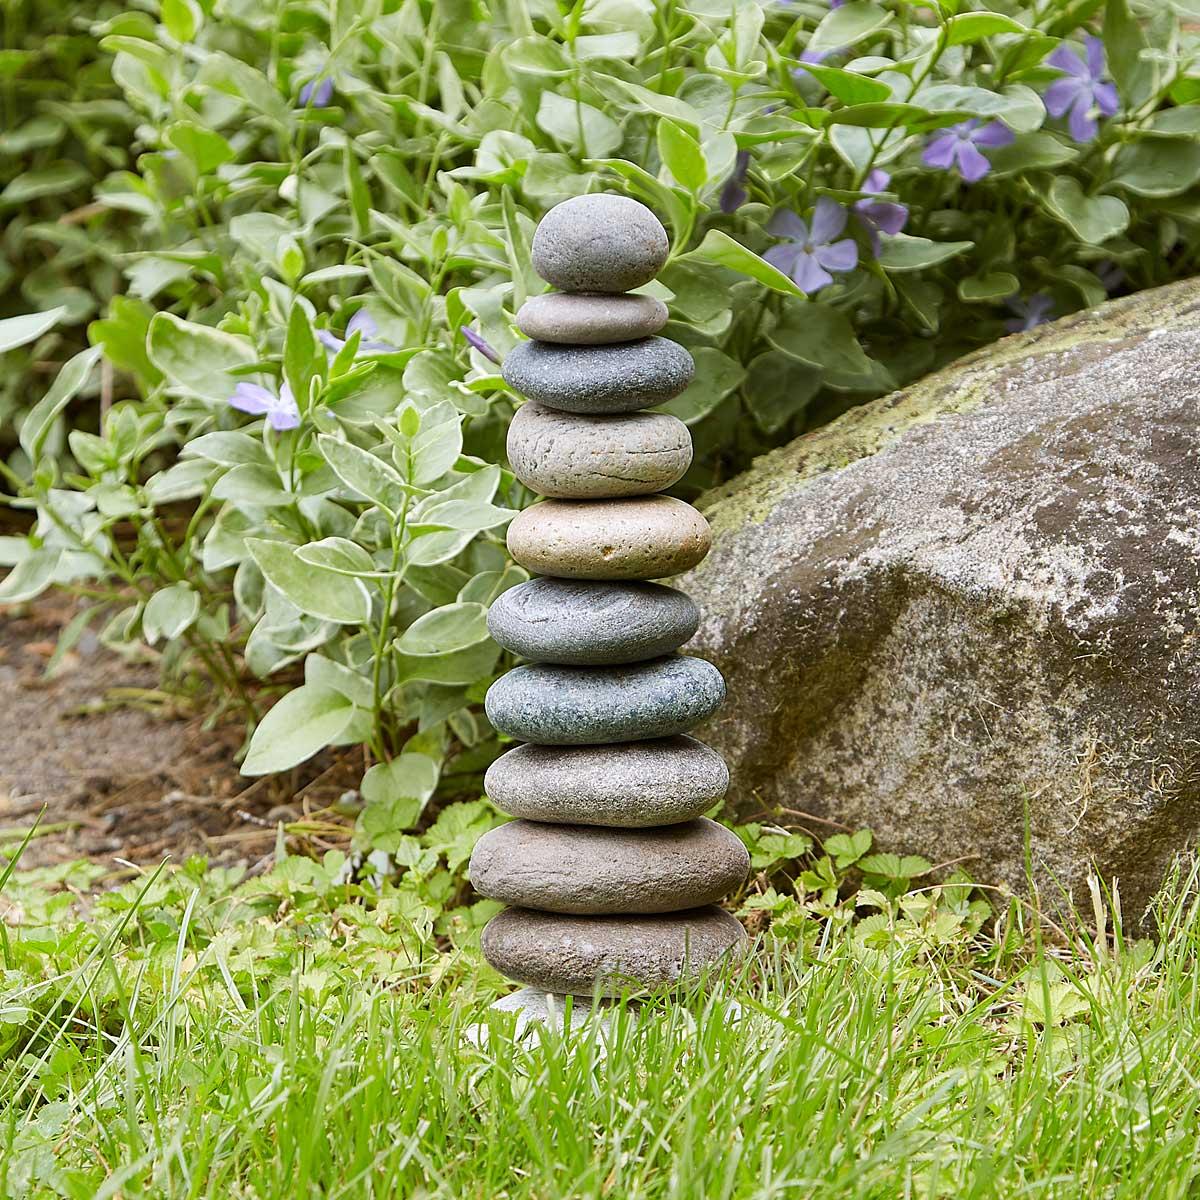 Handmade Rock Sculpture